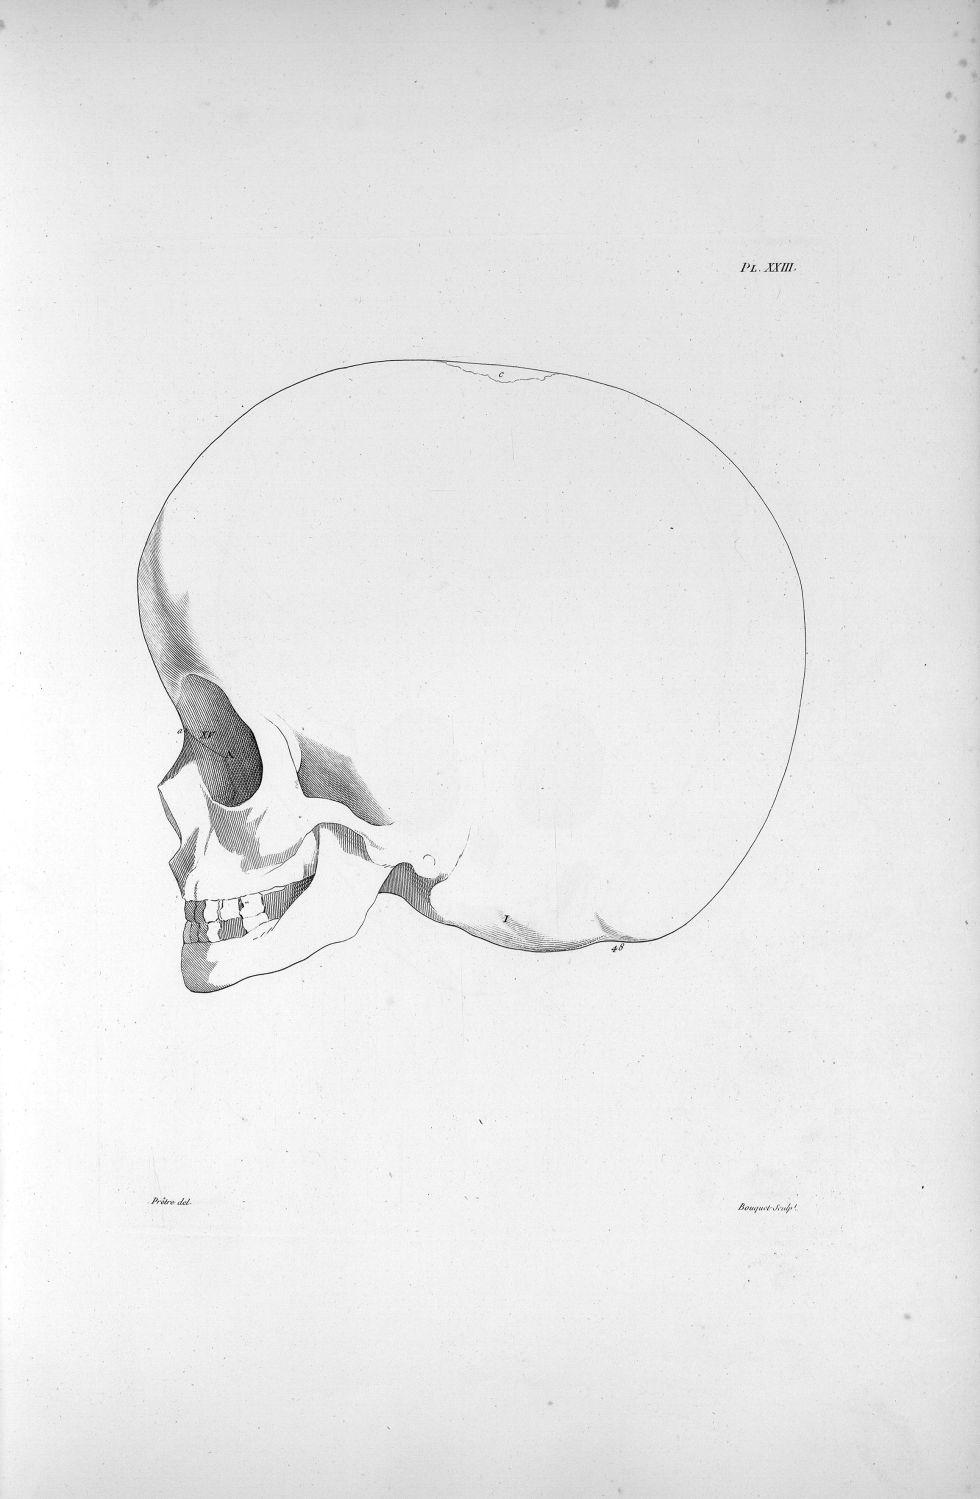 Pl. XXIII. Hydrocéphale d'un enfant de sept ans, en profil, complètement imbécile - Anatomie et phys [...] - Anatomie. Neurologie. Crânes. Phrénologie. 19e siècle (France) - med00575xatlasx0033